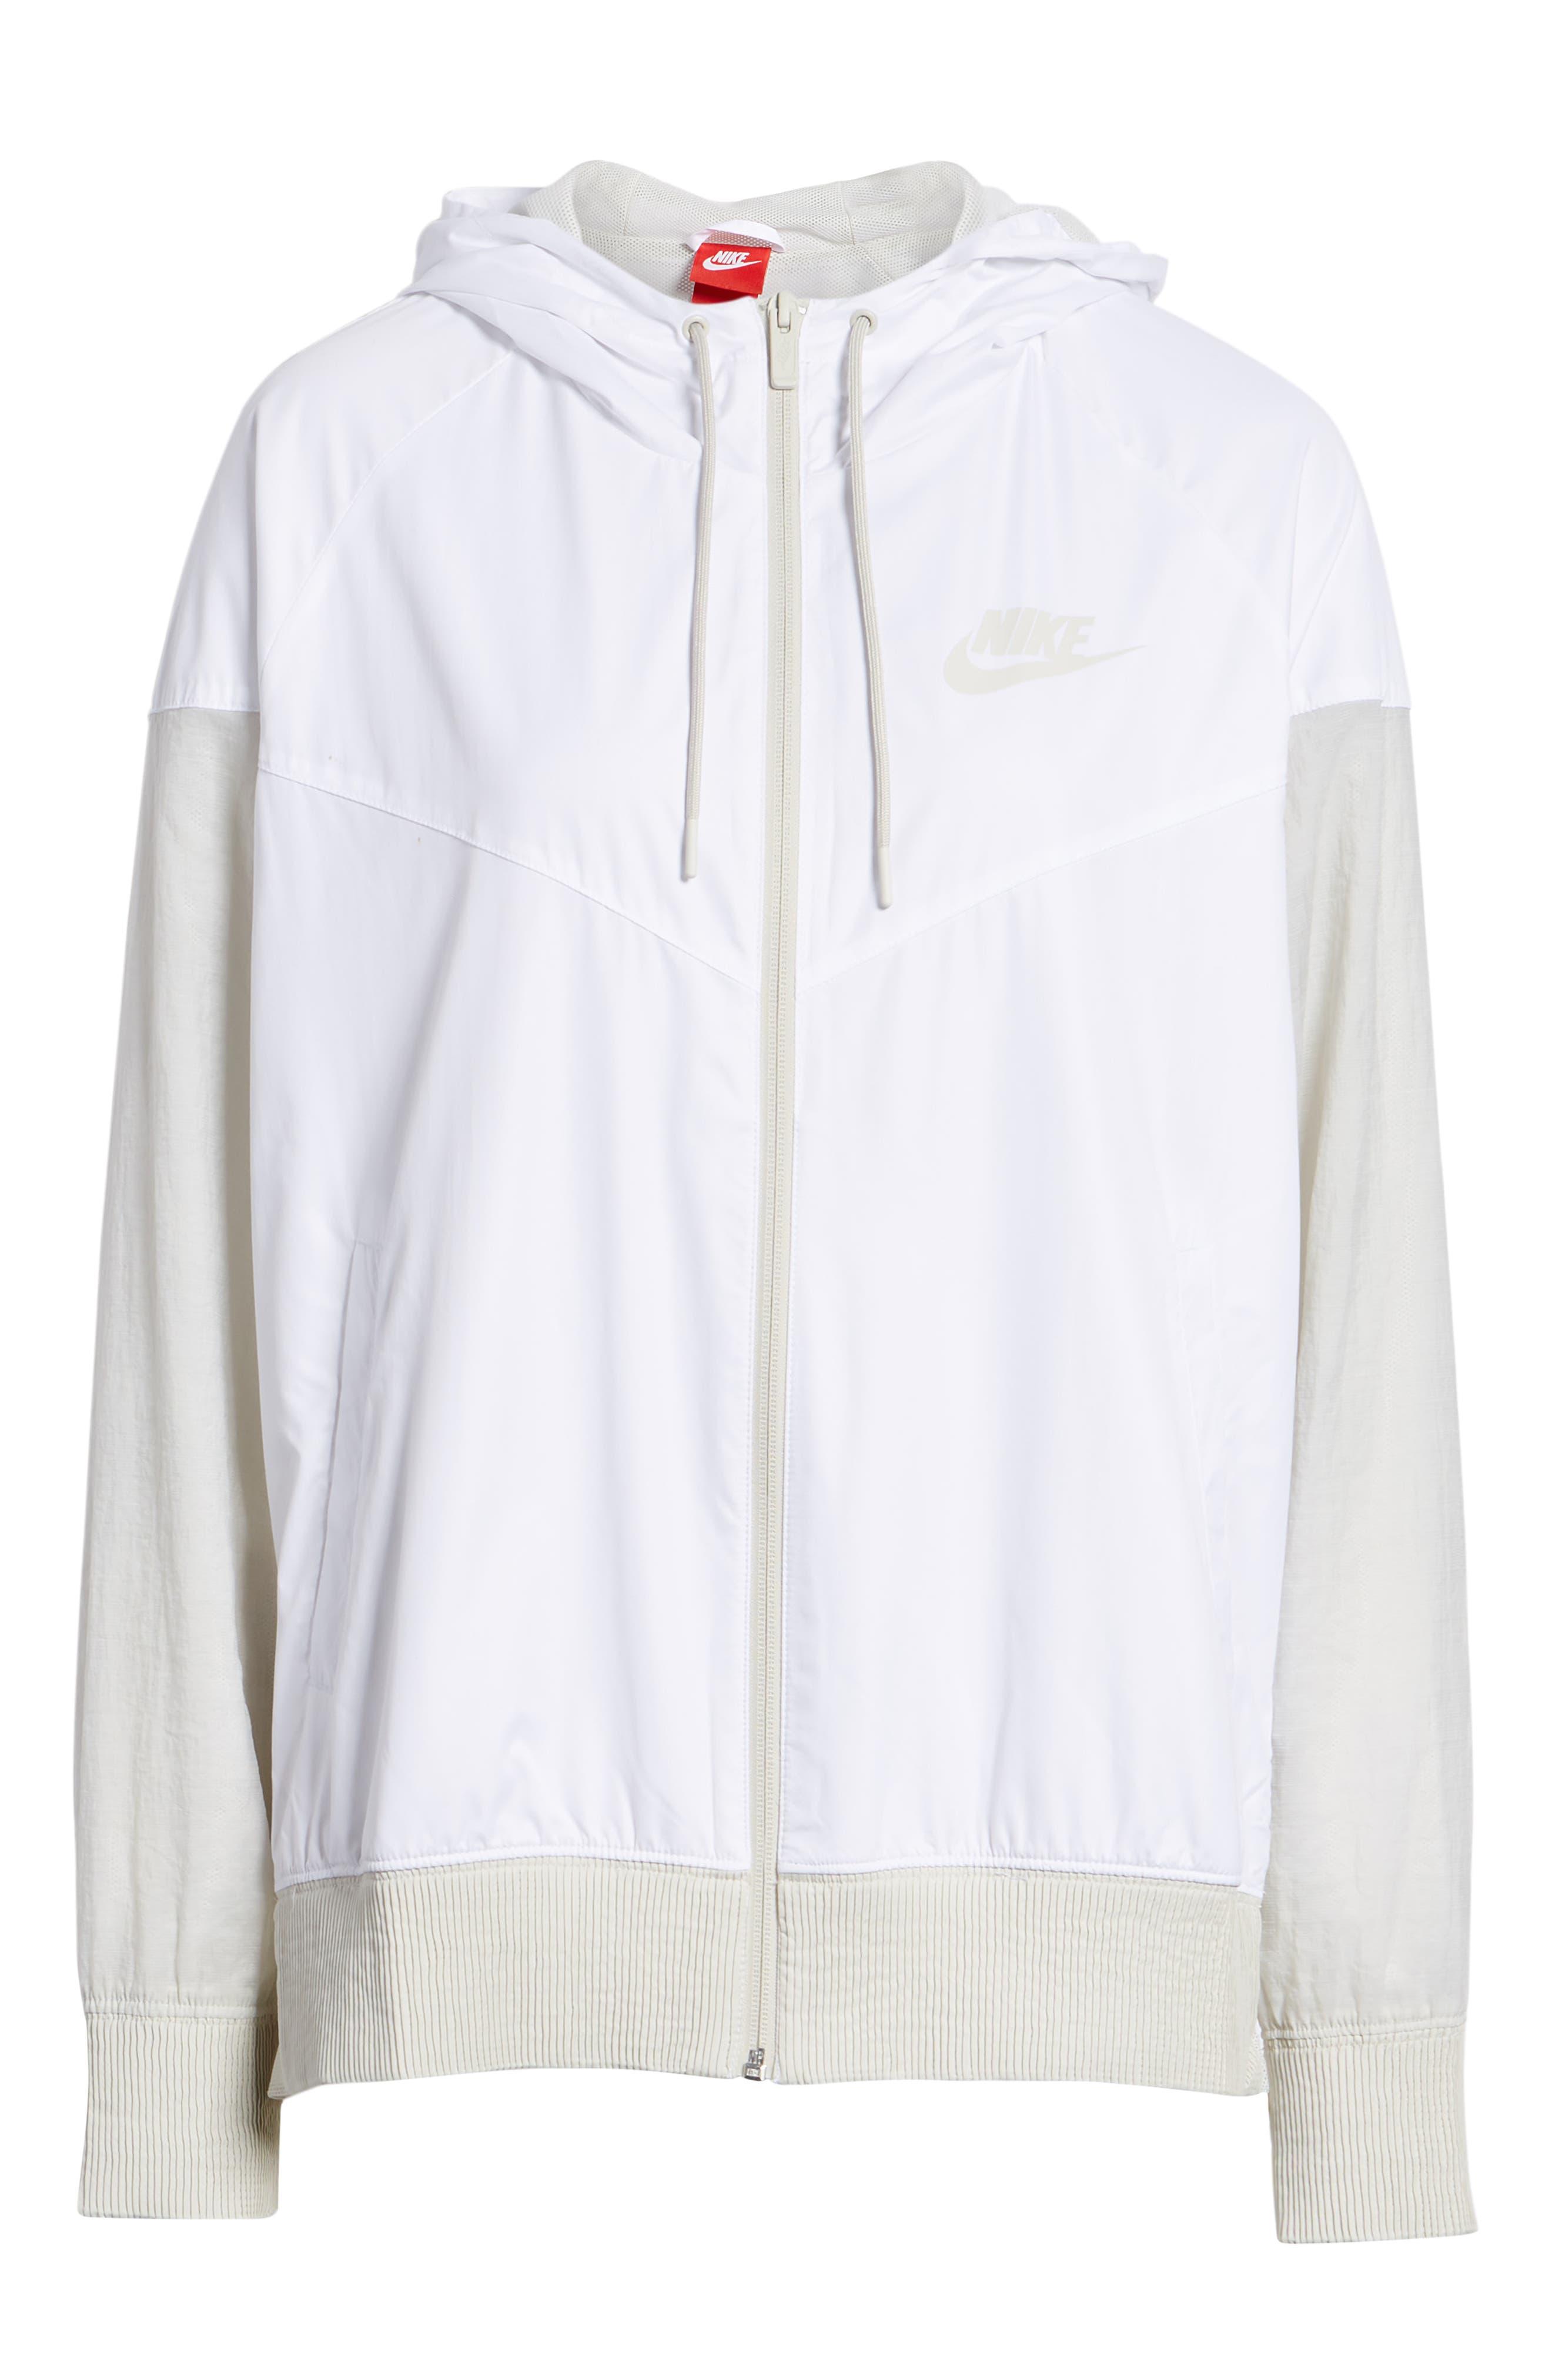 Sportswear Women's Windrunner Water Repellent Jacket,                         Main,                         color, WHITE/ LIGHT BONE/ LIGHT BONE